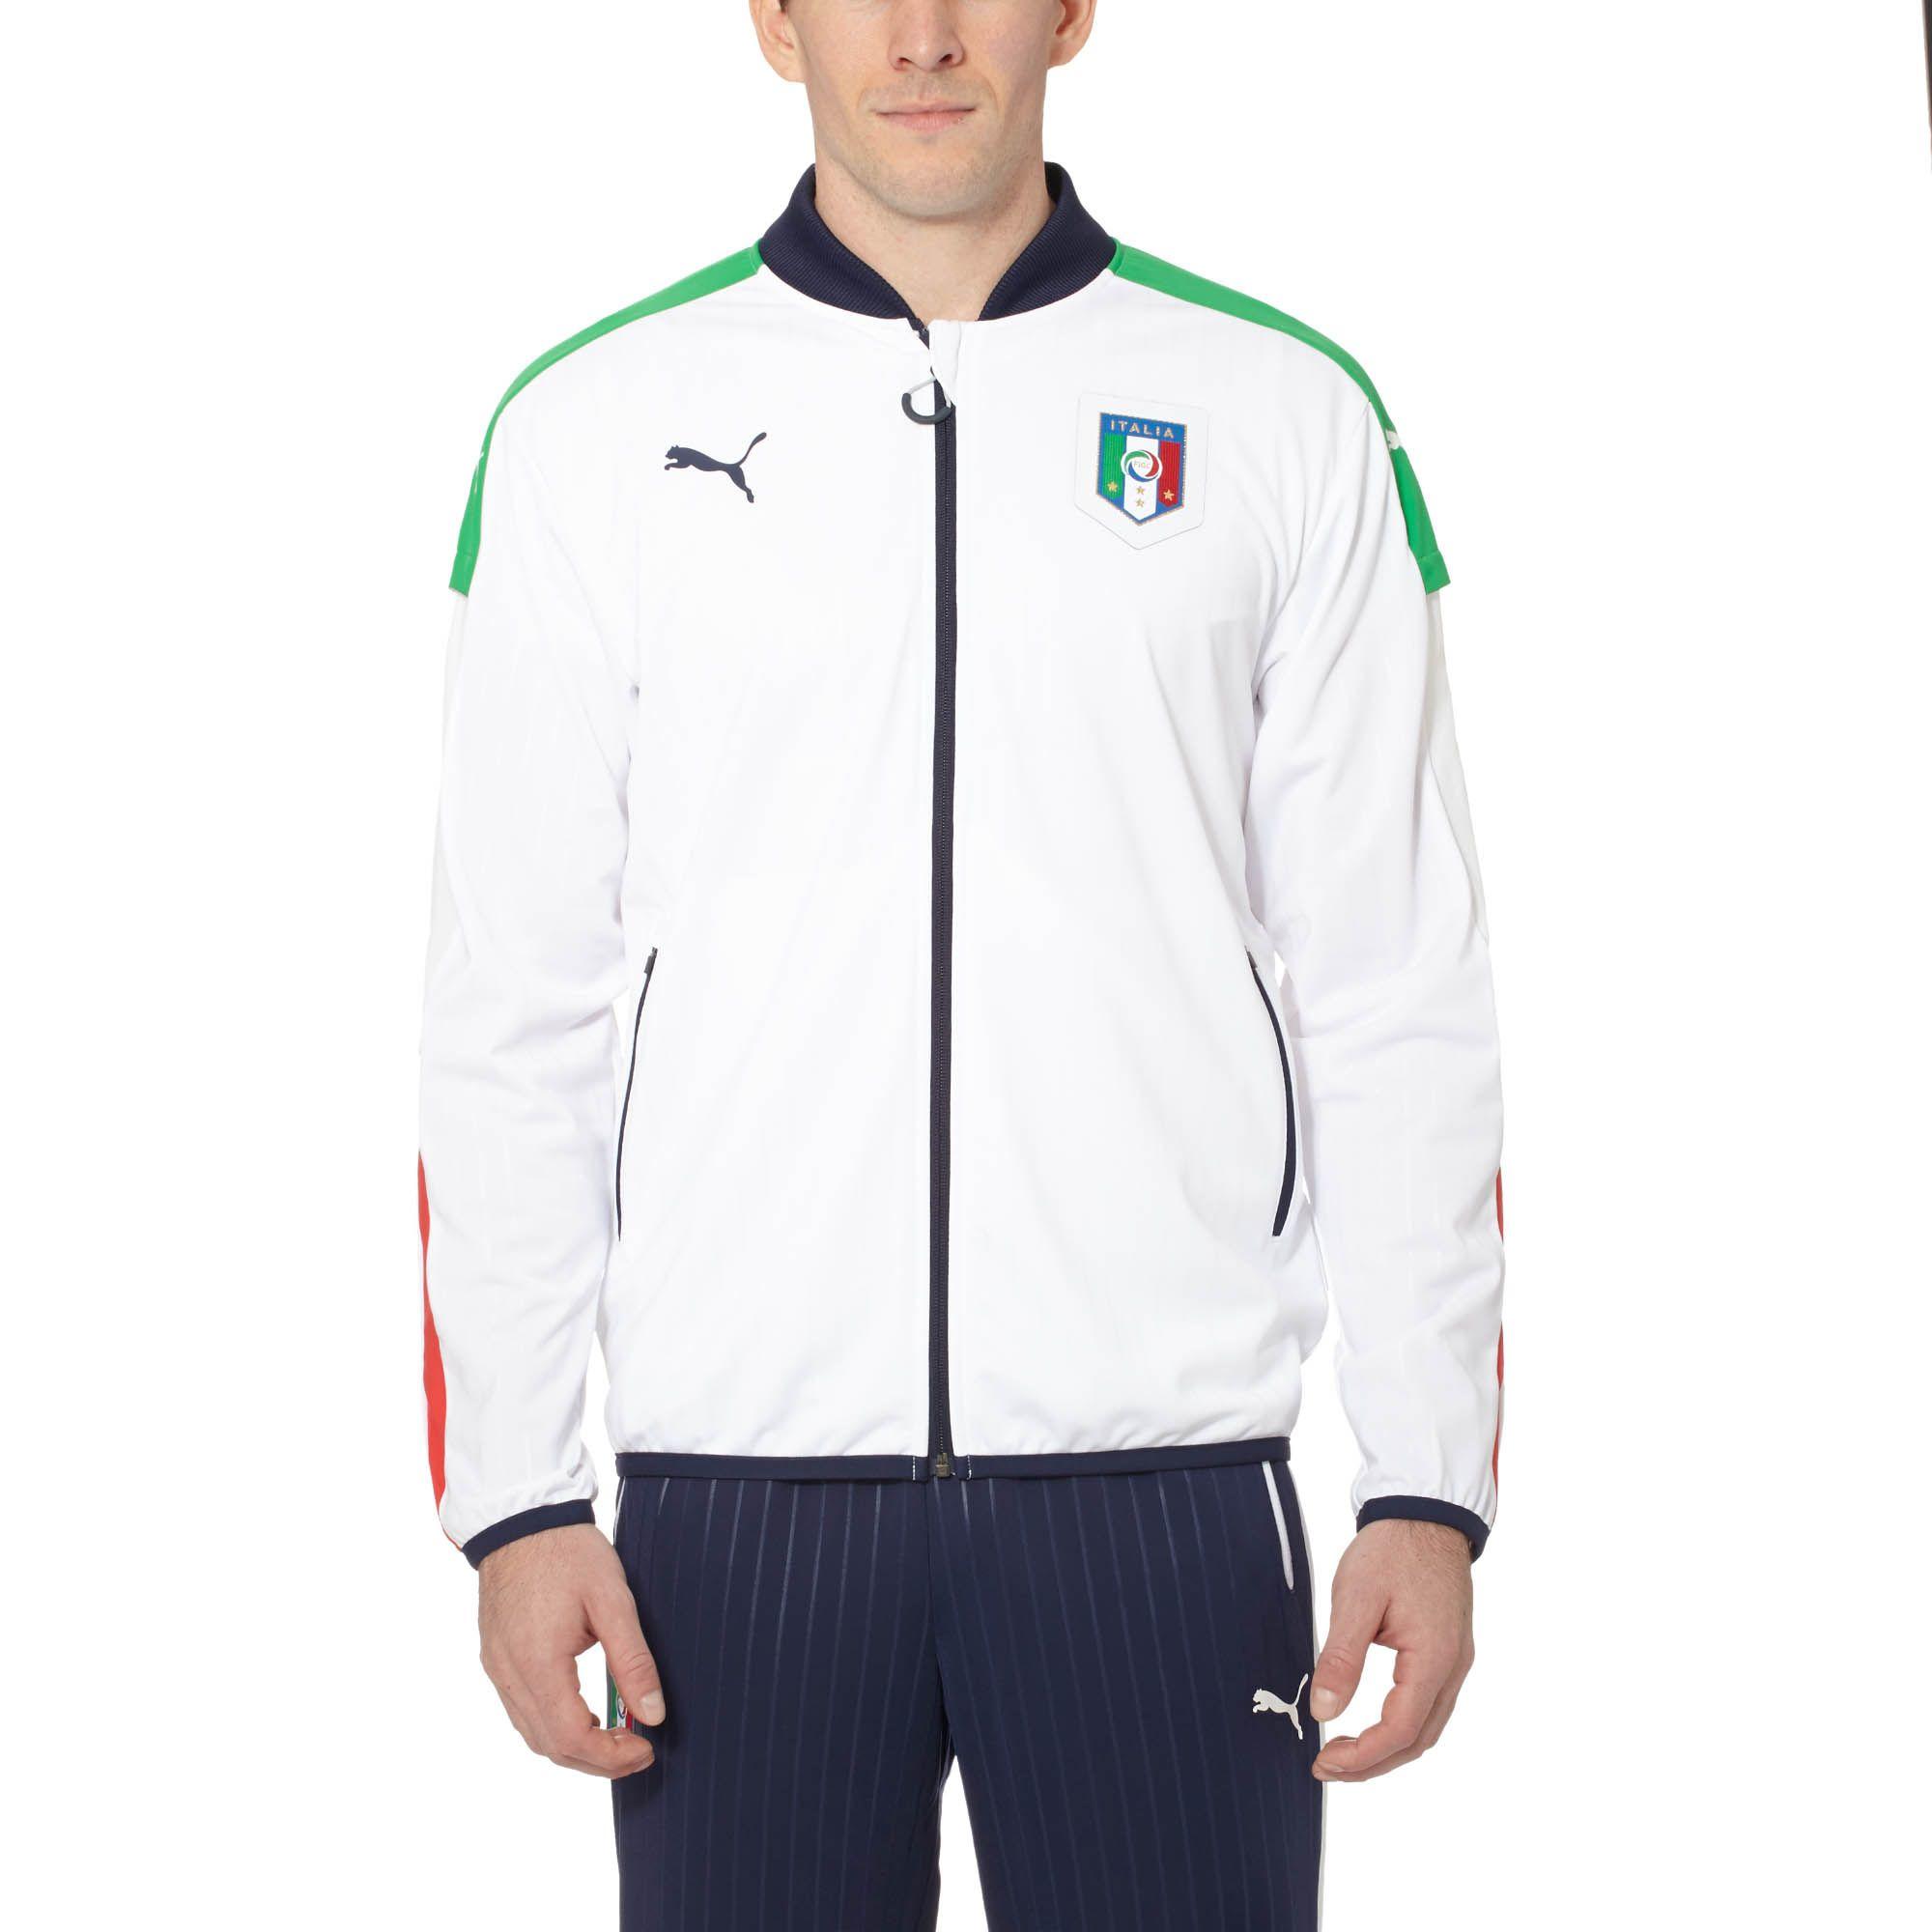 dfe96717cb Lyst - PUMA Figc Italia Stadium Jacket in White for Men